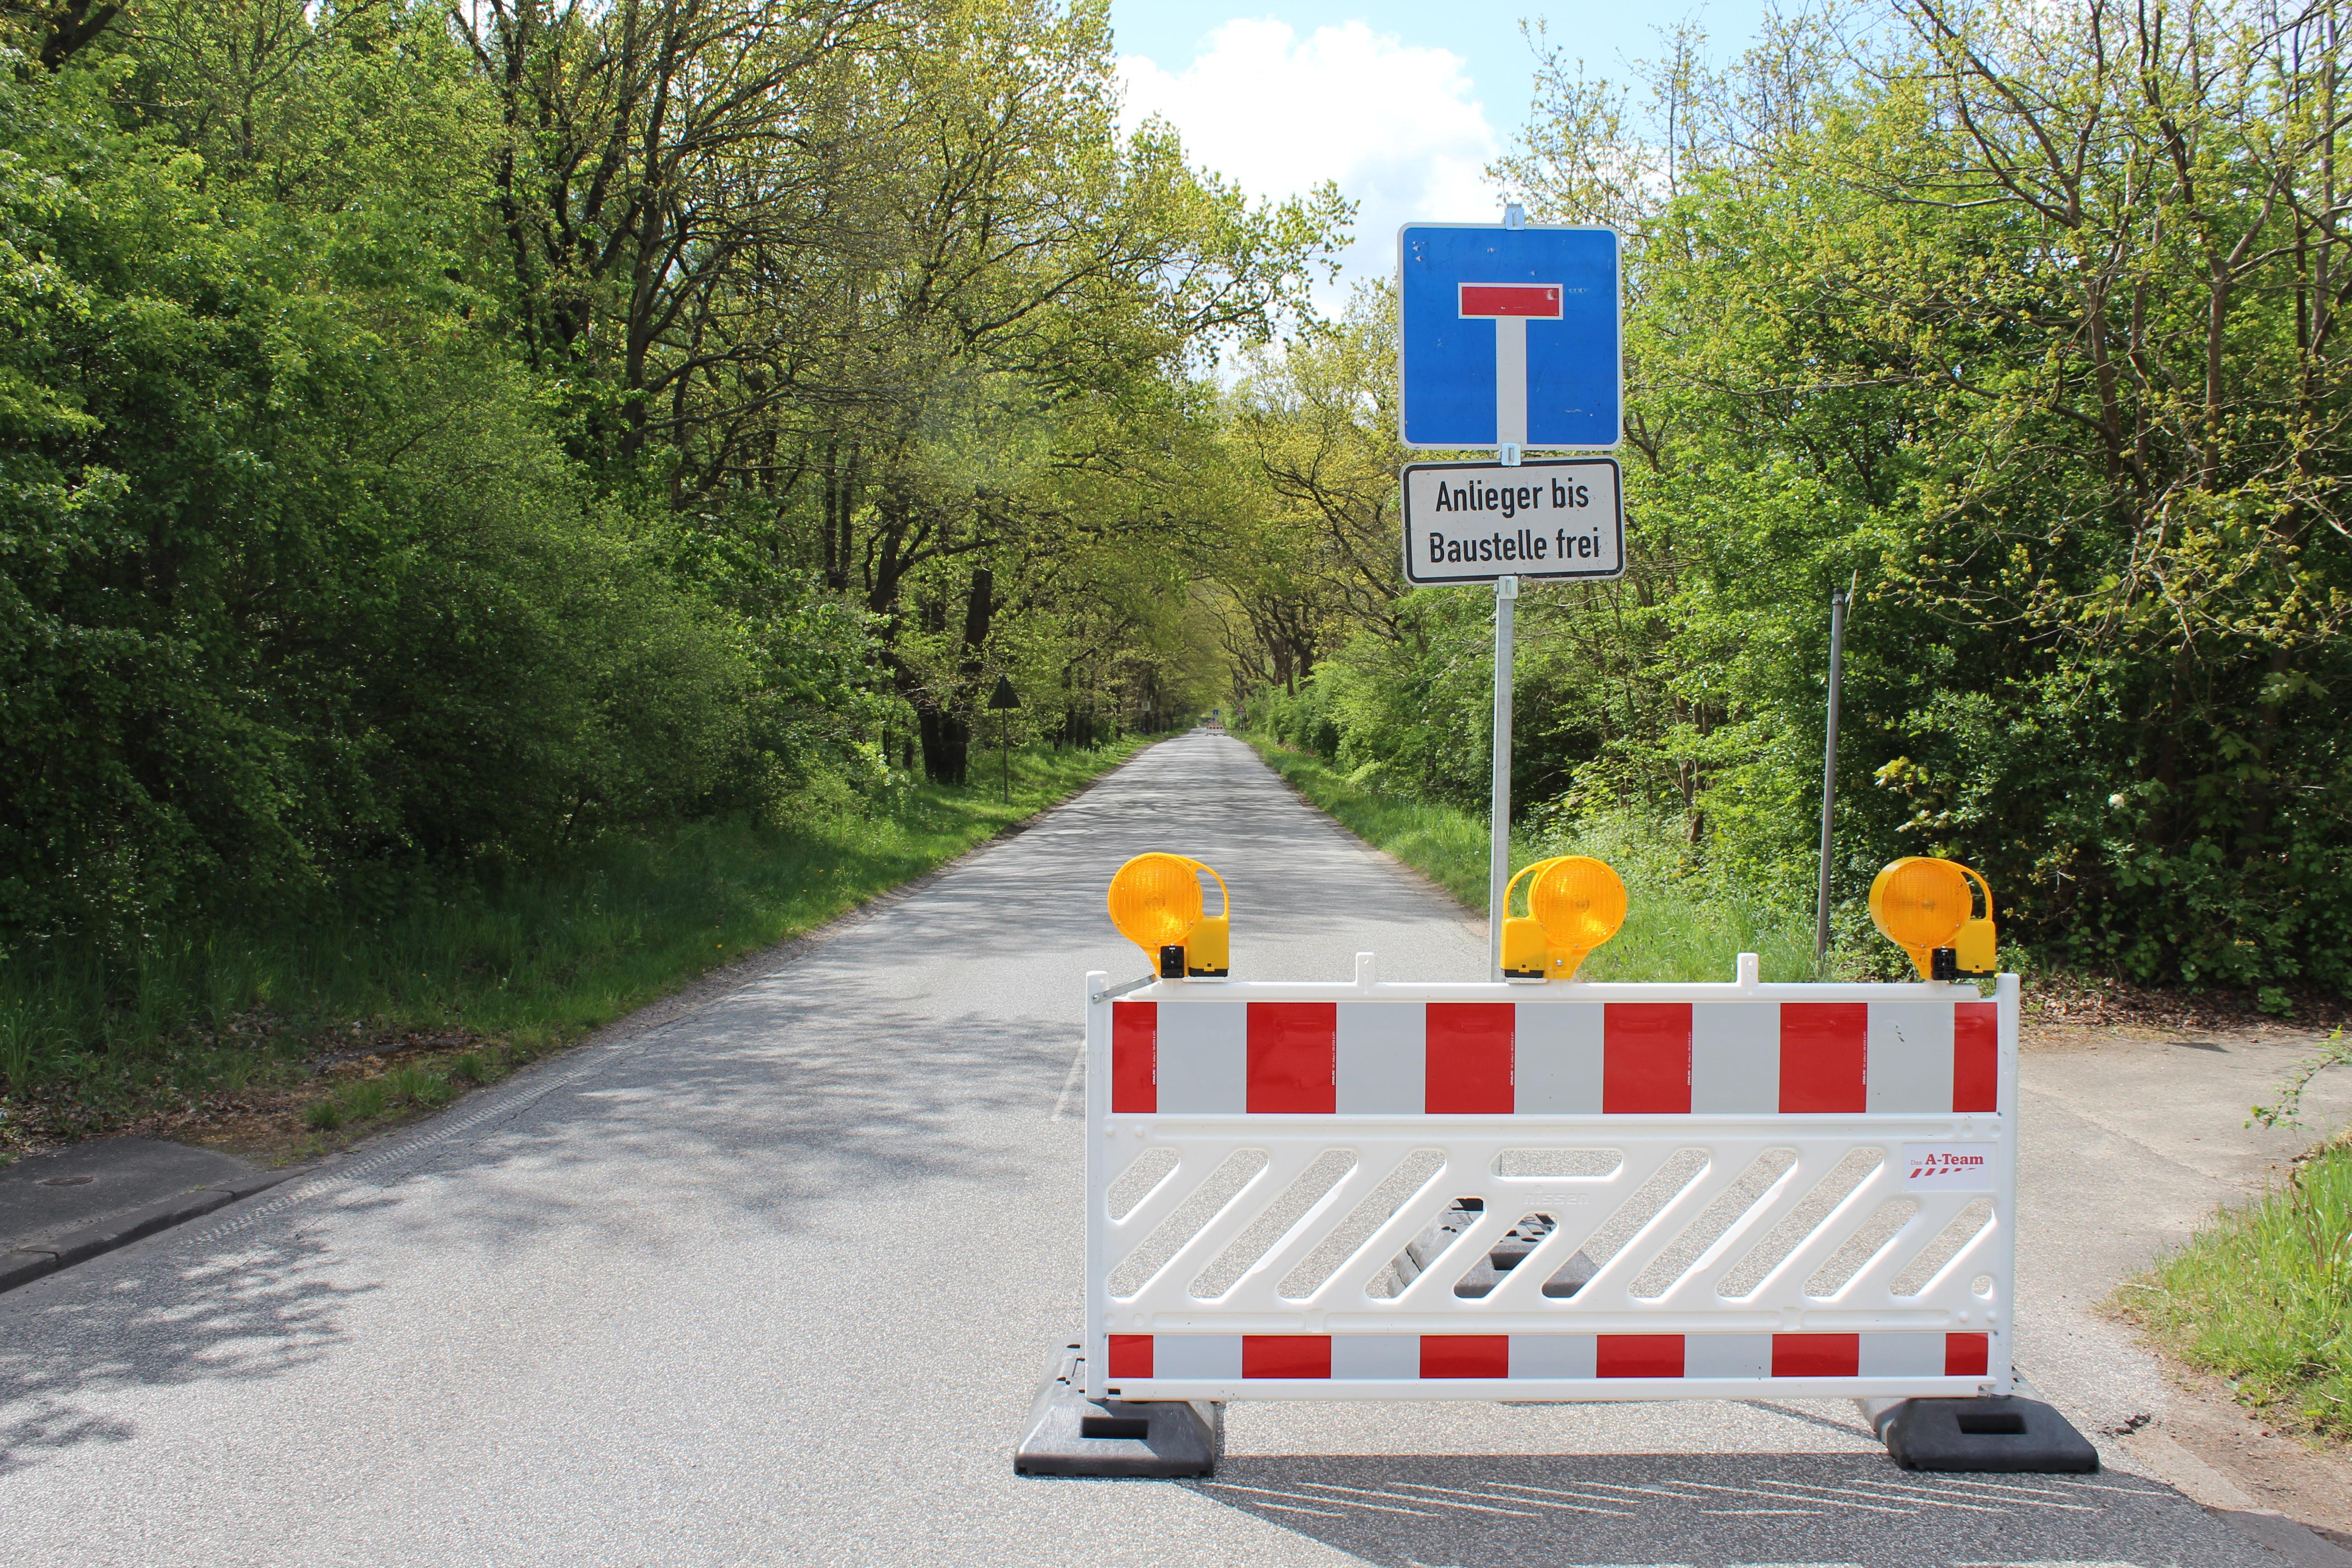 """Nachdem im Herbst 2020 ein Teil der Straßensanierung """"An den Schießständen"""" abgeschlossen wurde, werden die Arbeiten ab 1Nachdem im Herbst 2020 ein Teil der Straßensanierung """"An den Schießständen"""" abgeschlossen wurde, werden die Arbeiten ab 17. Mai, fortgesetzt.7. Mai, fortgesetzt."""